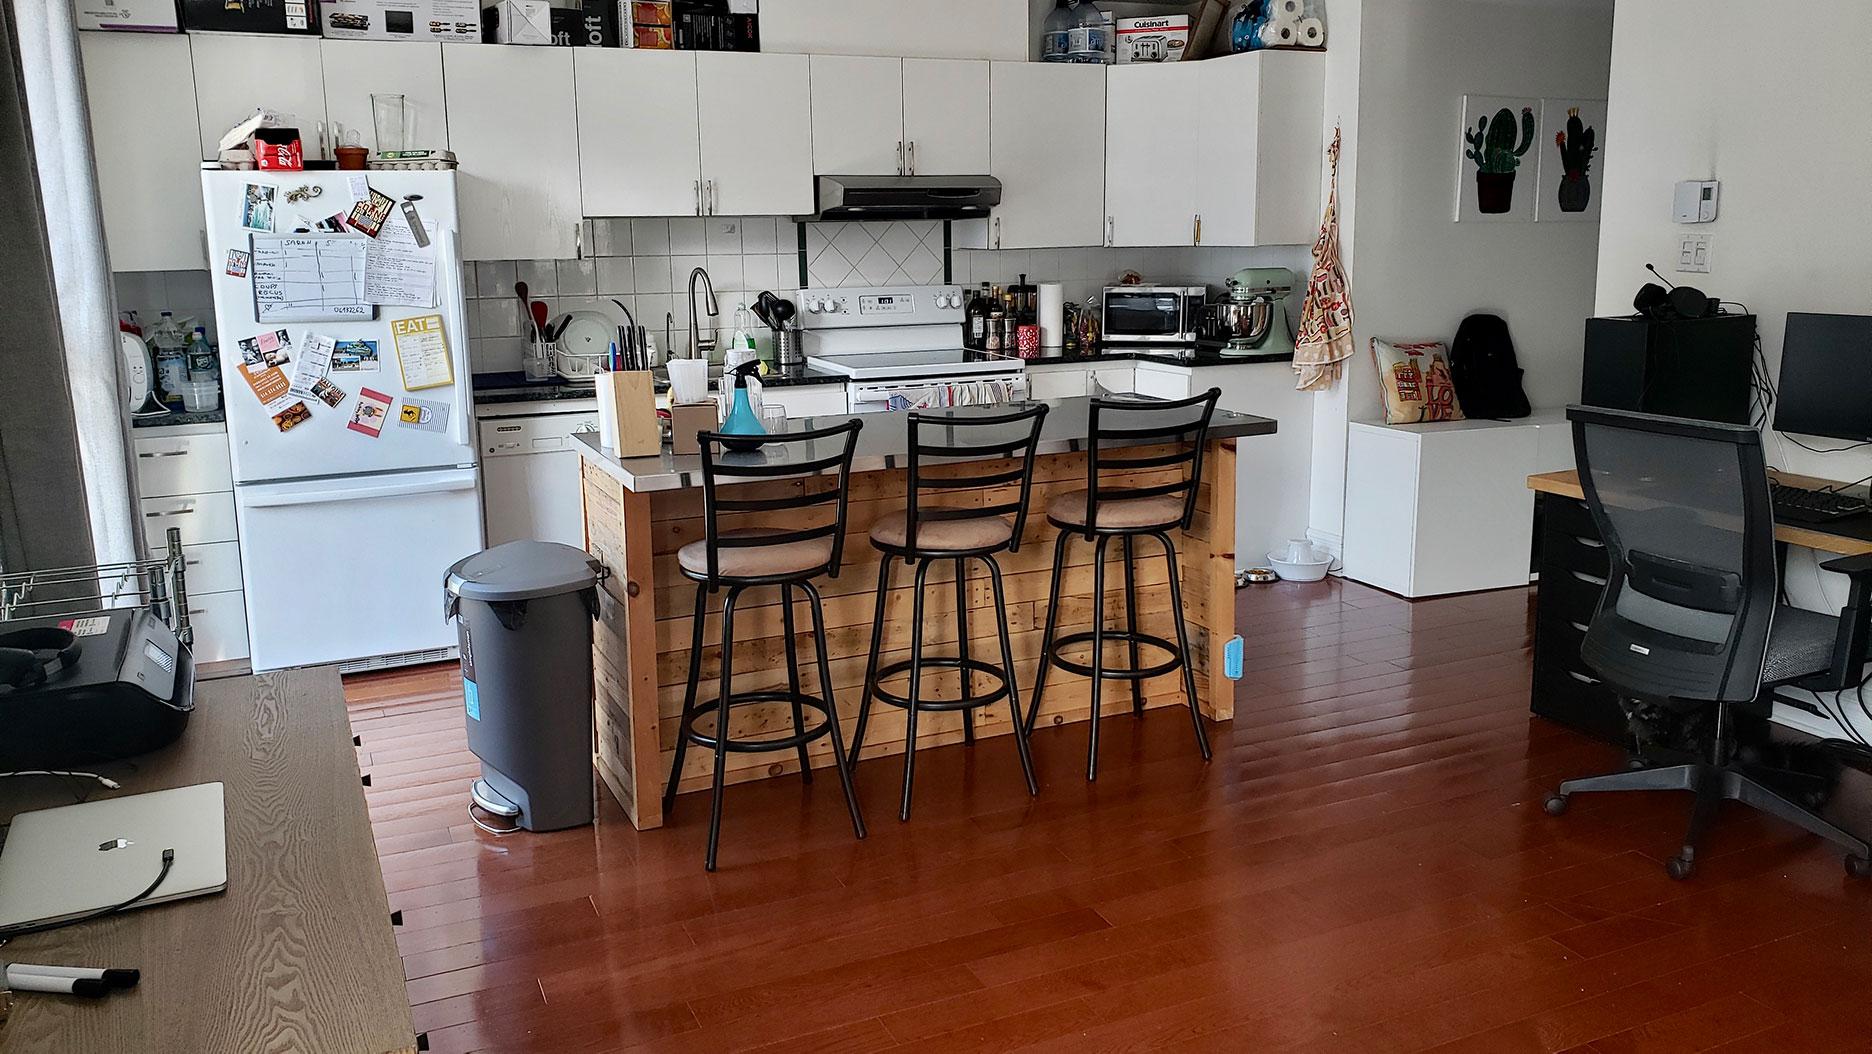 cuisine d'un appartement à montreal